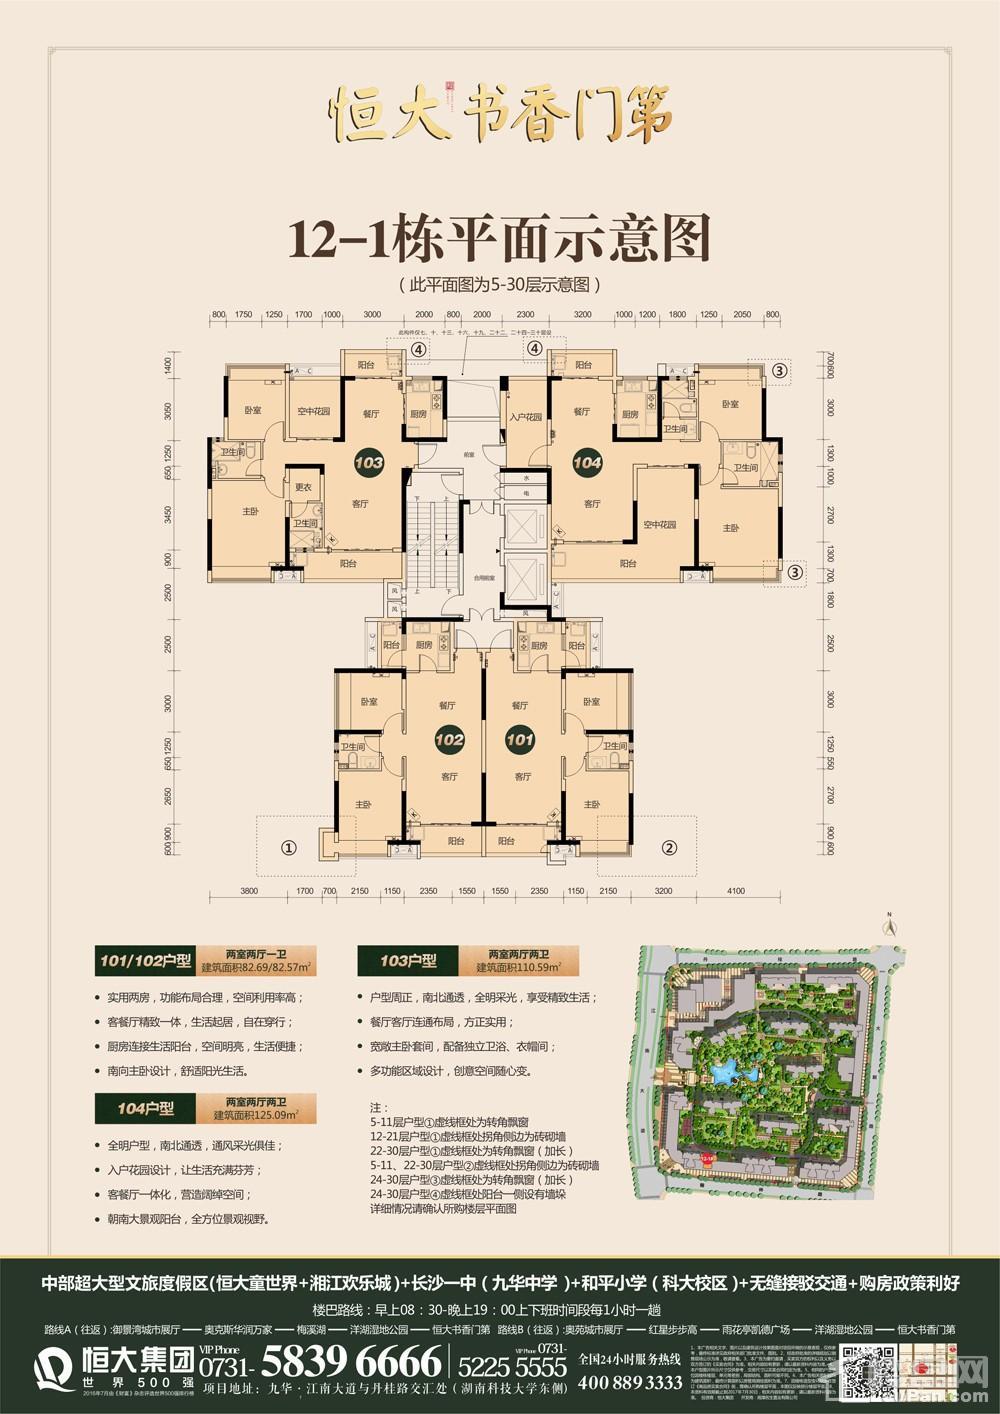 湘潭恒大书香门第12-1#栋户型图